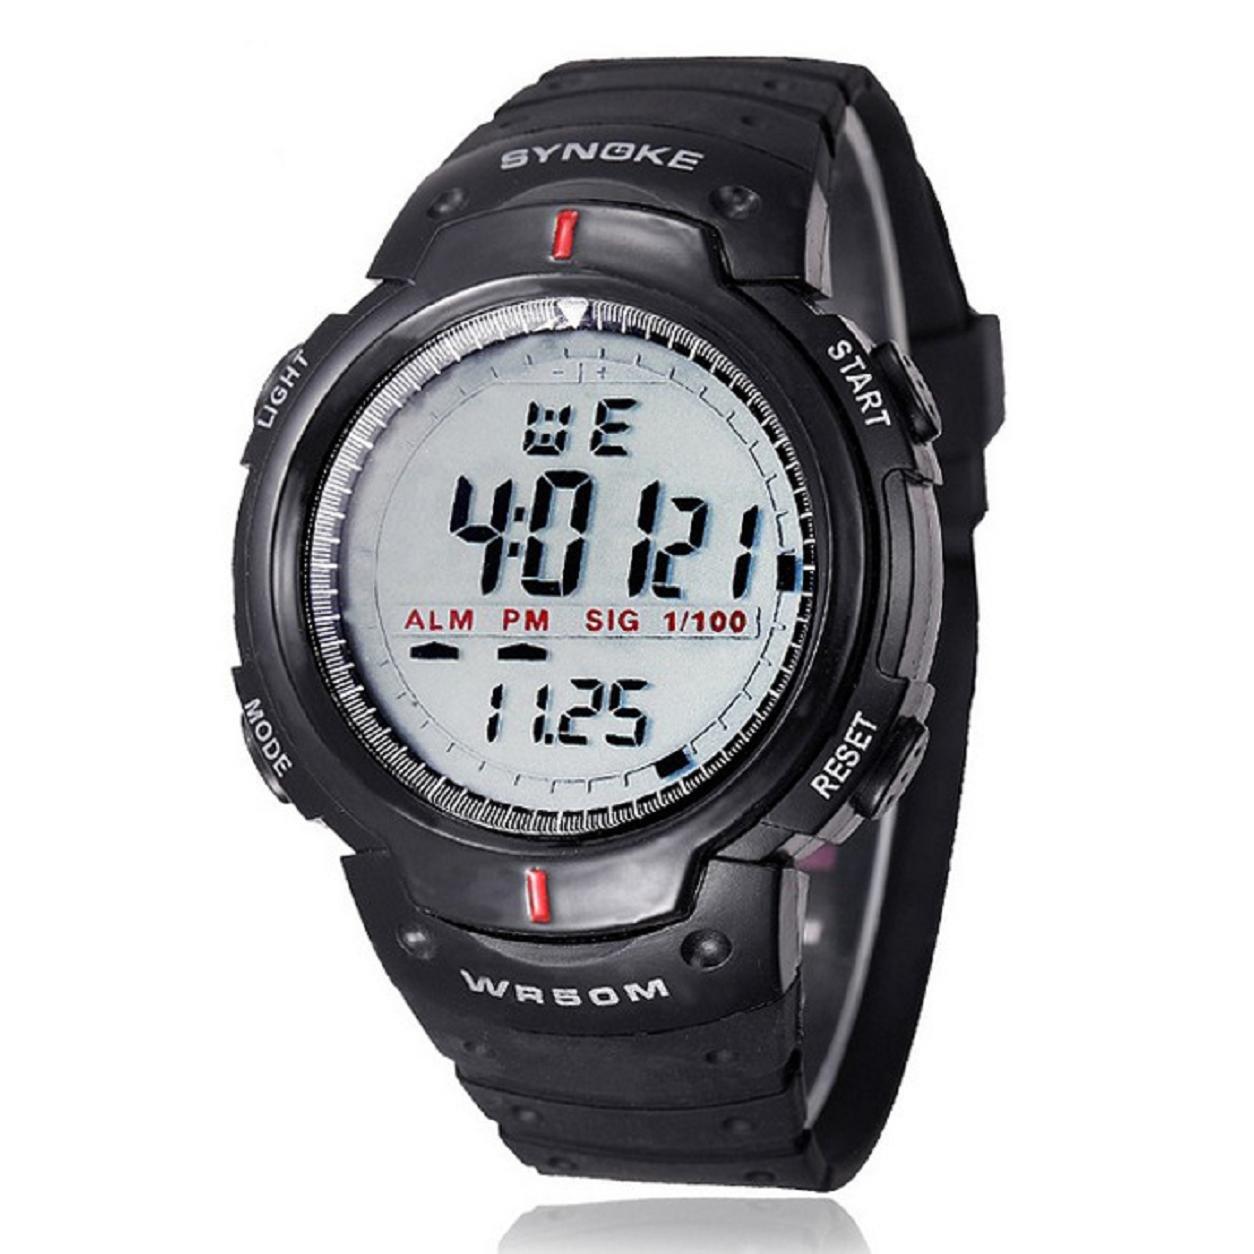 Malloom® Hombres digital Reloj LED deportes cuarzo alarma fecha reloj de pulsera (gris): Amazon.es: Deportes y aire libre